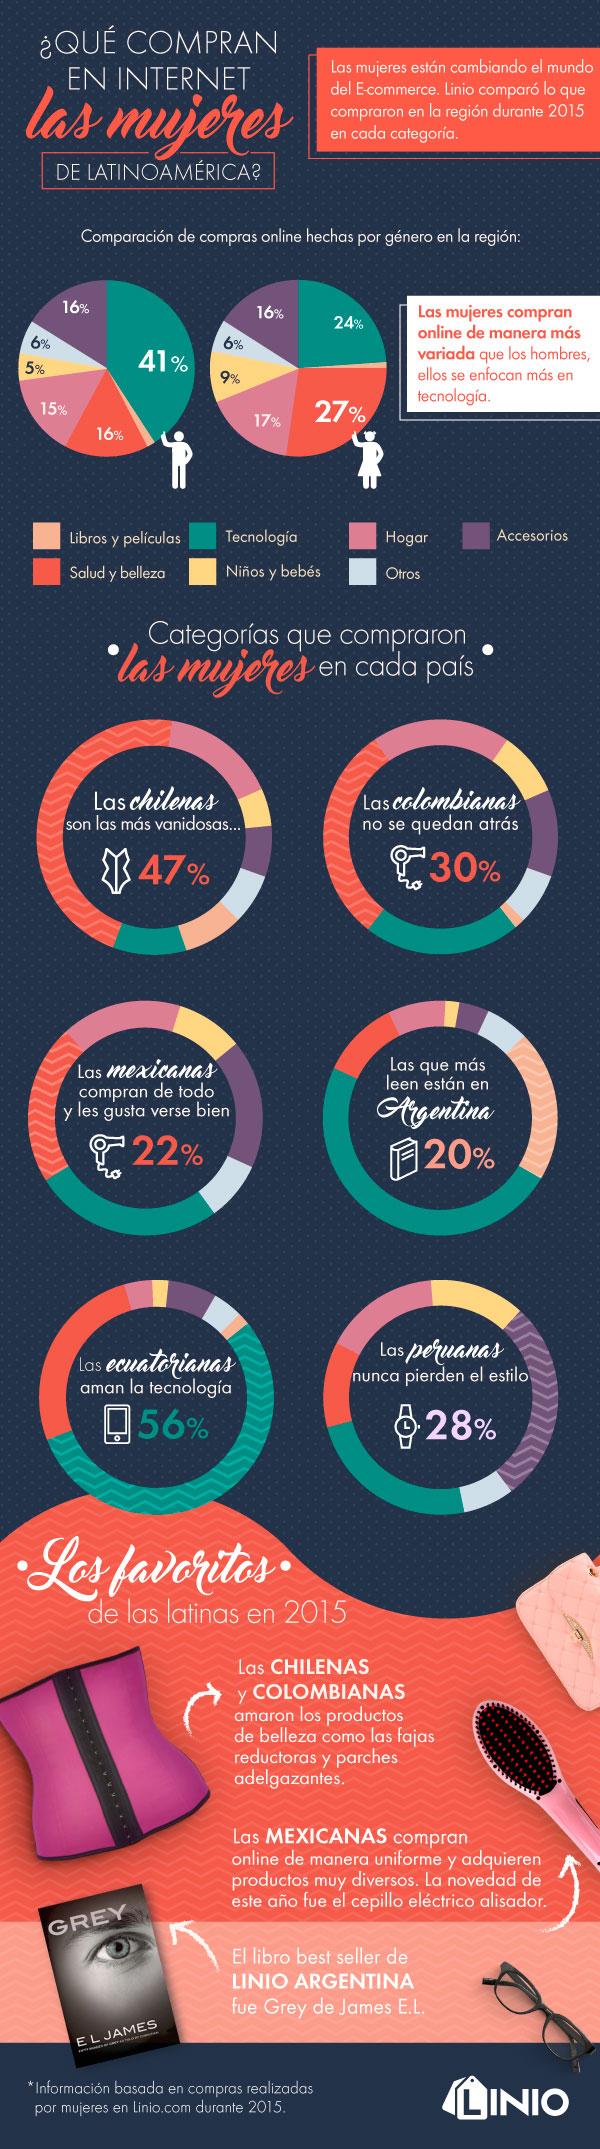 ¿Qué compran las mujeres en internet de Latinoamérica